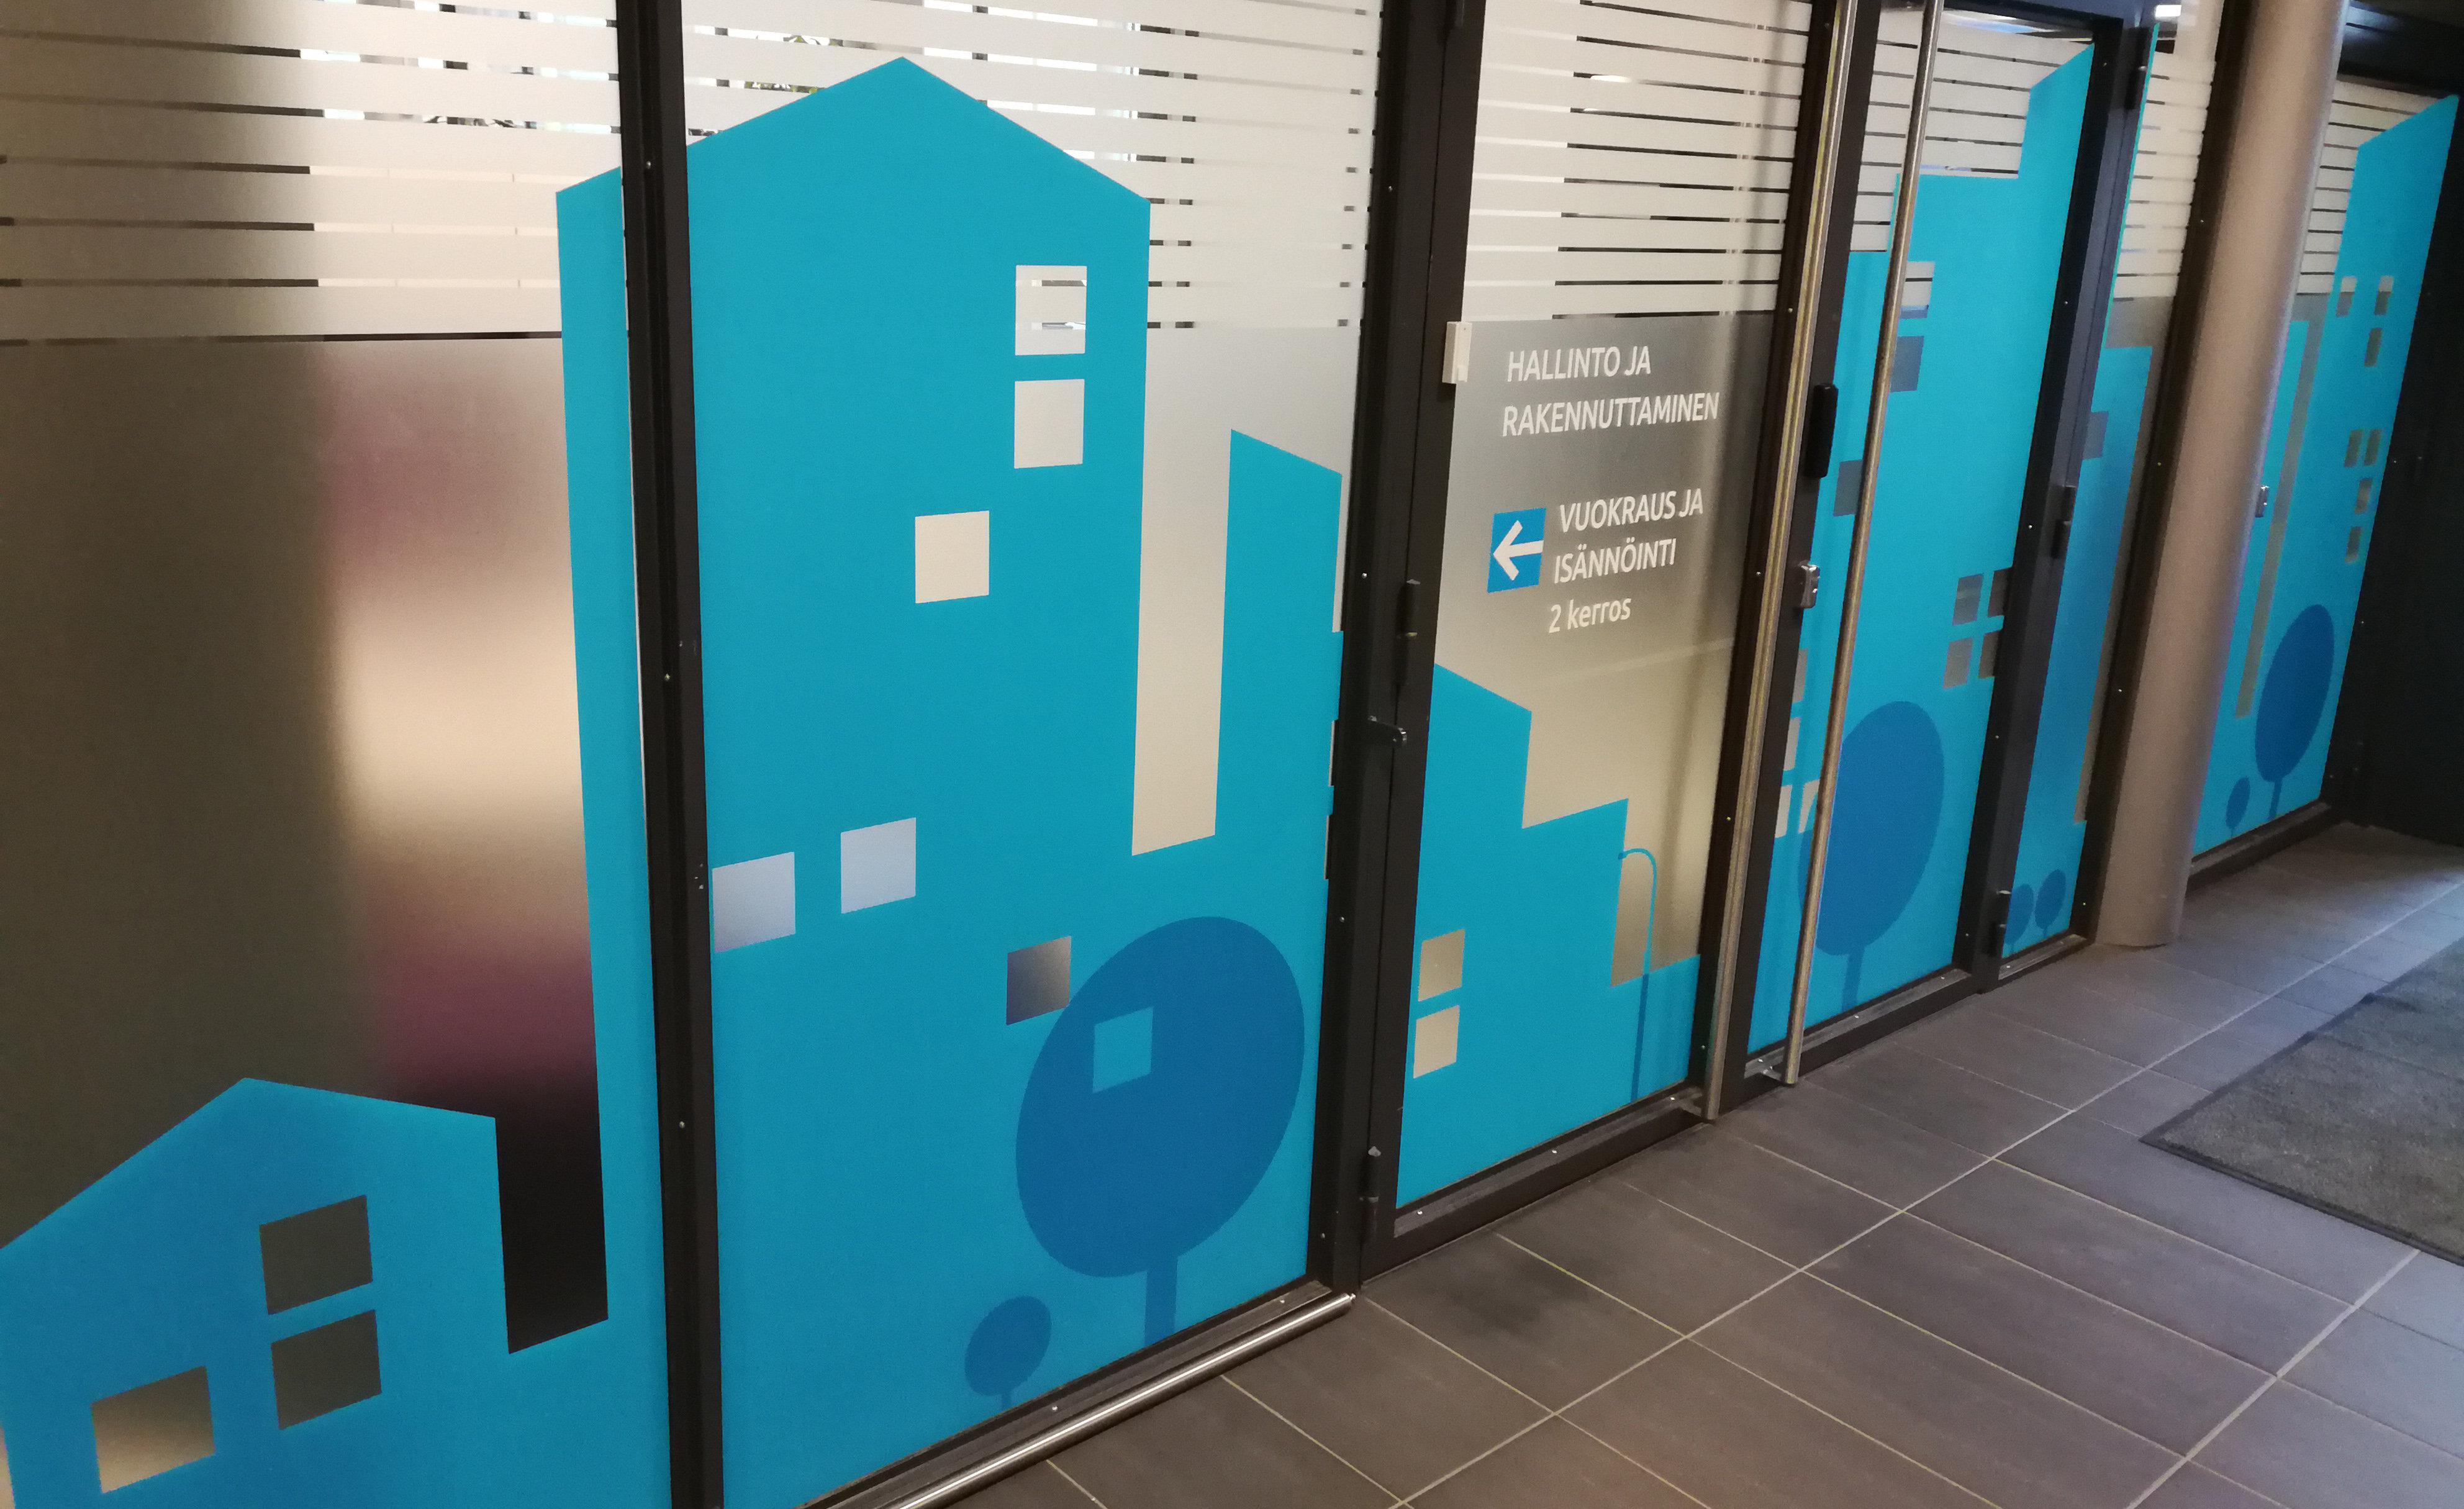 A-Kruunu sai uudet näyttävät teippaukset toimitilojen lasiseiniin.